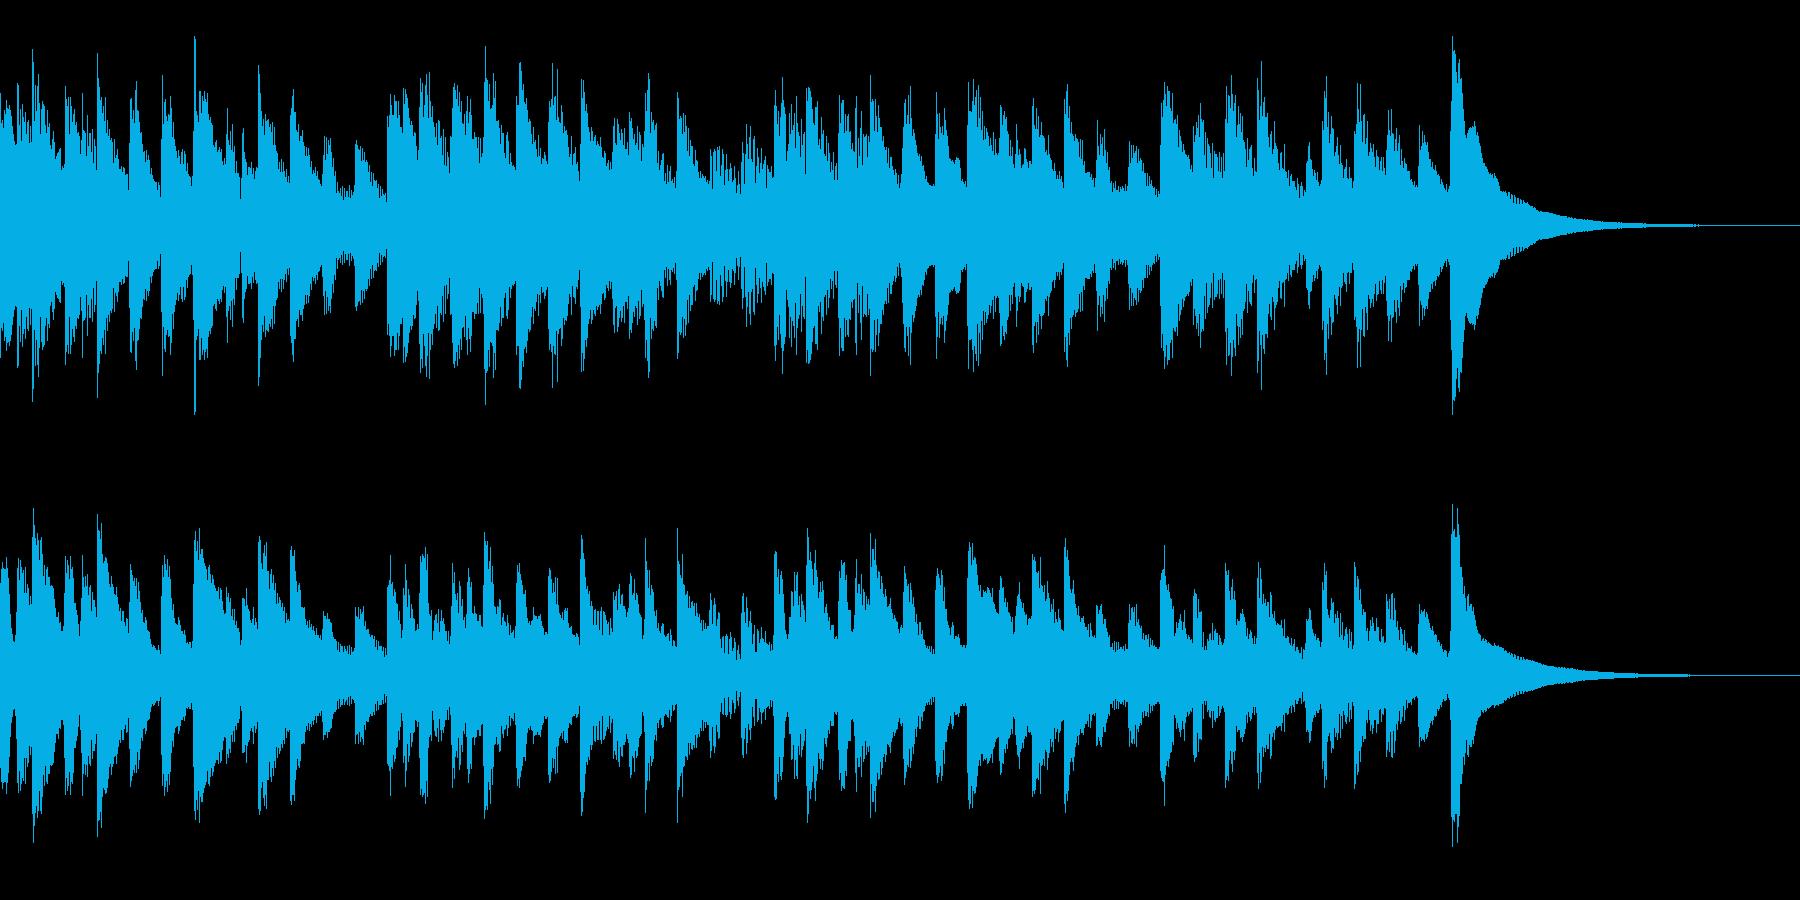 ほのぼのした雰囲気のマリンバの曲の再生済みの波形